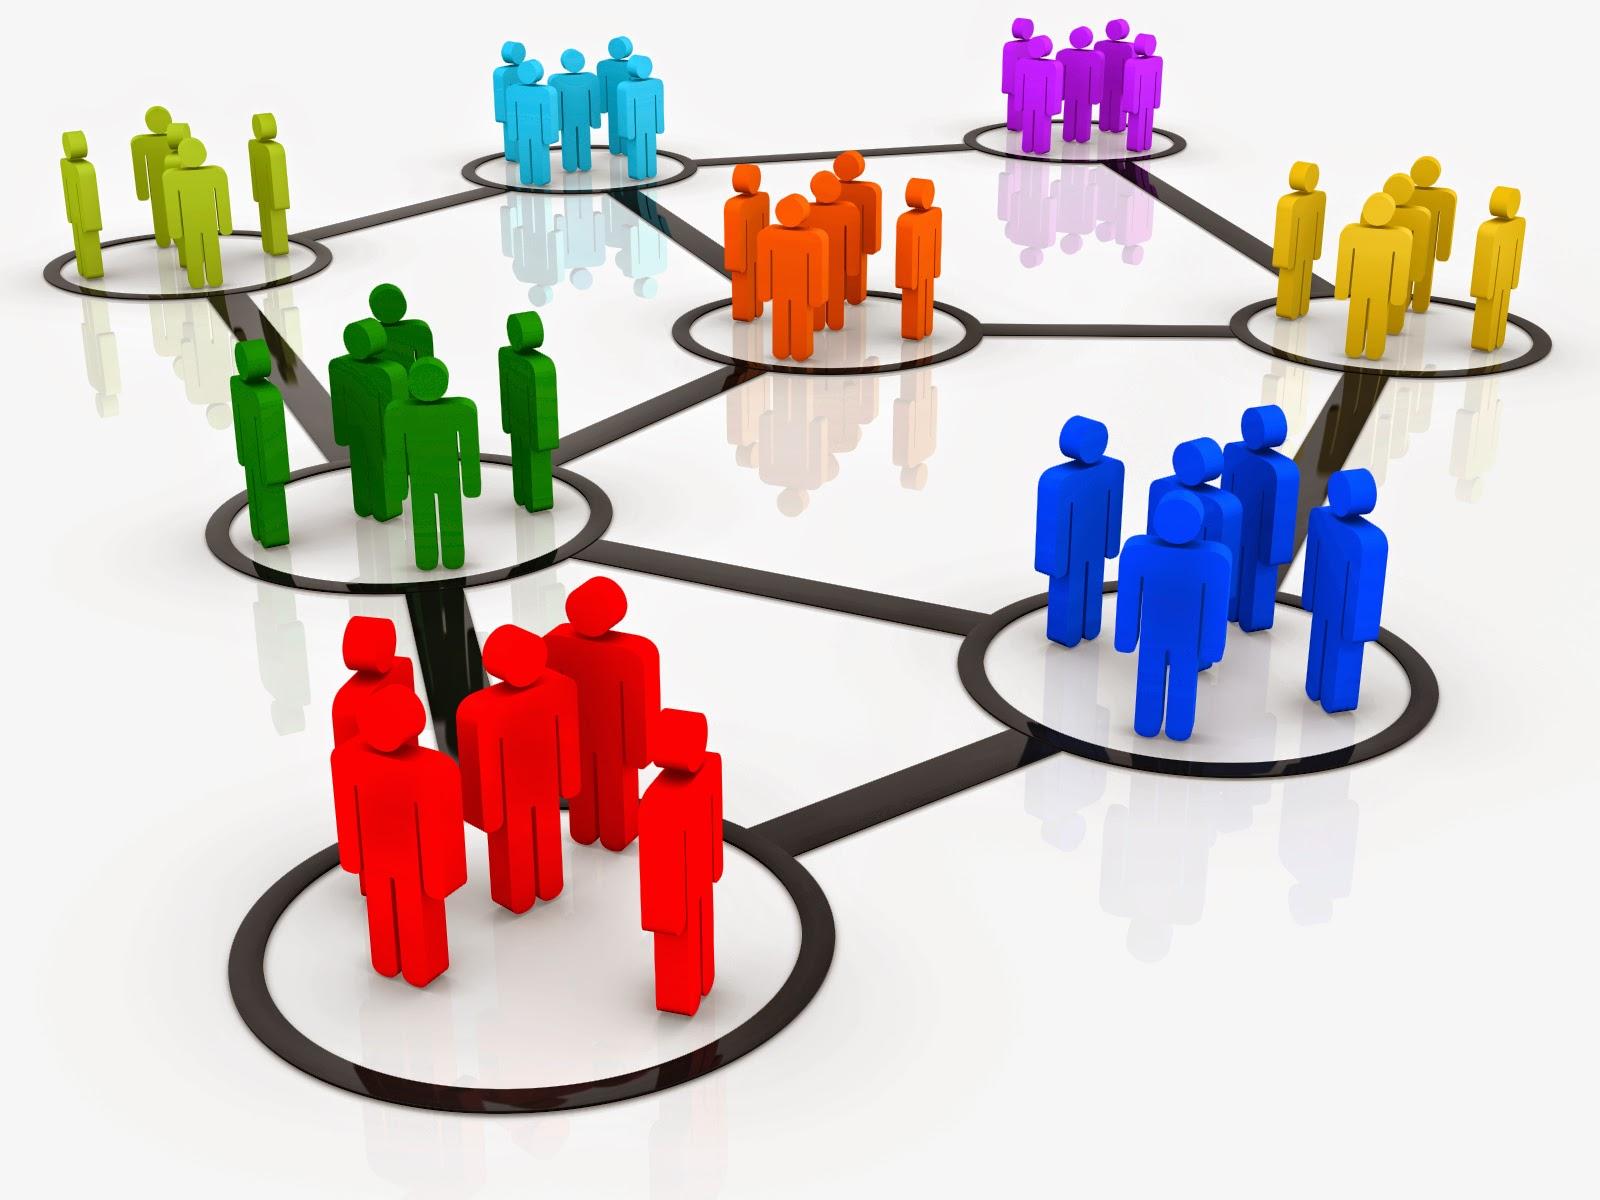 Поведенческие факторы — их влияние на процесс ранжирования сайта